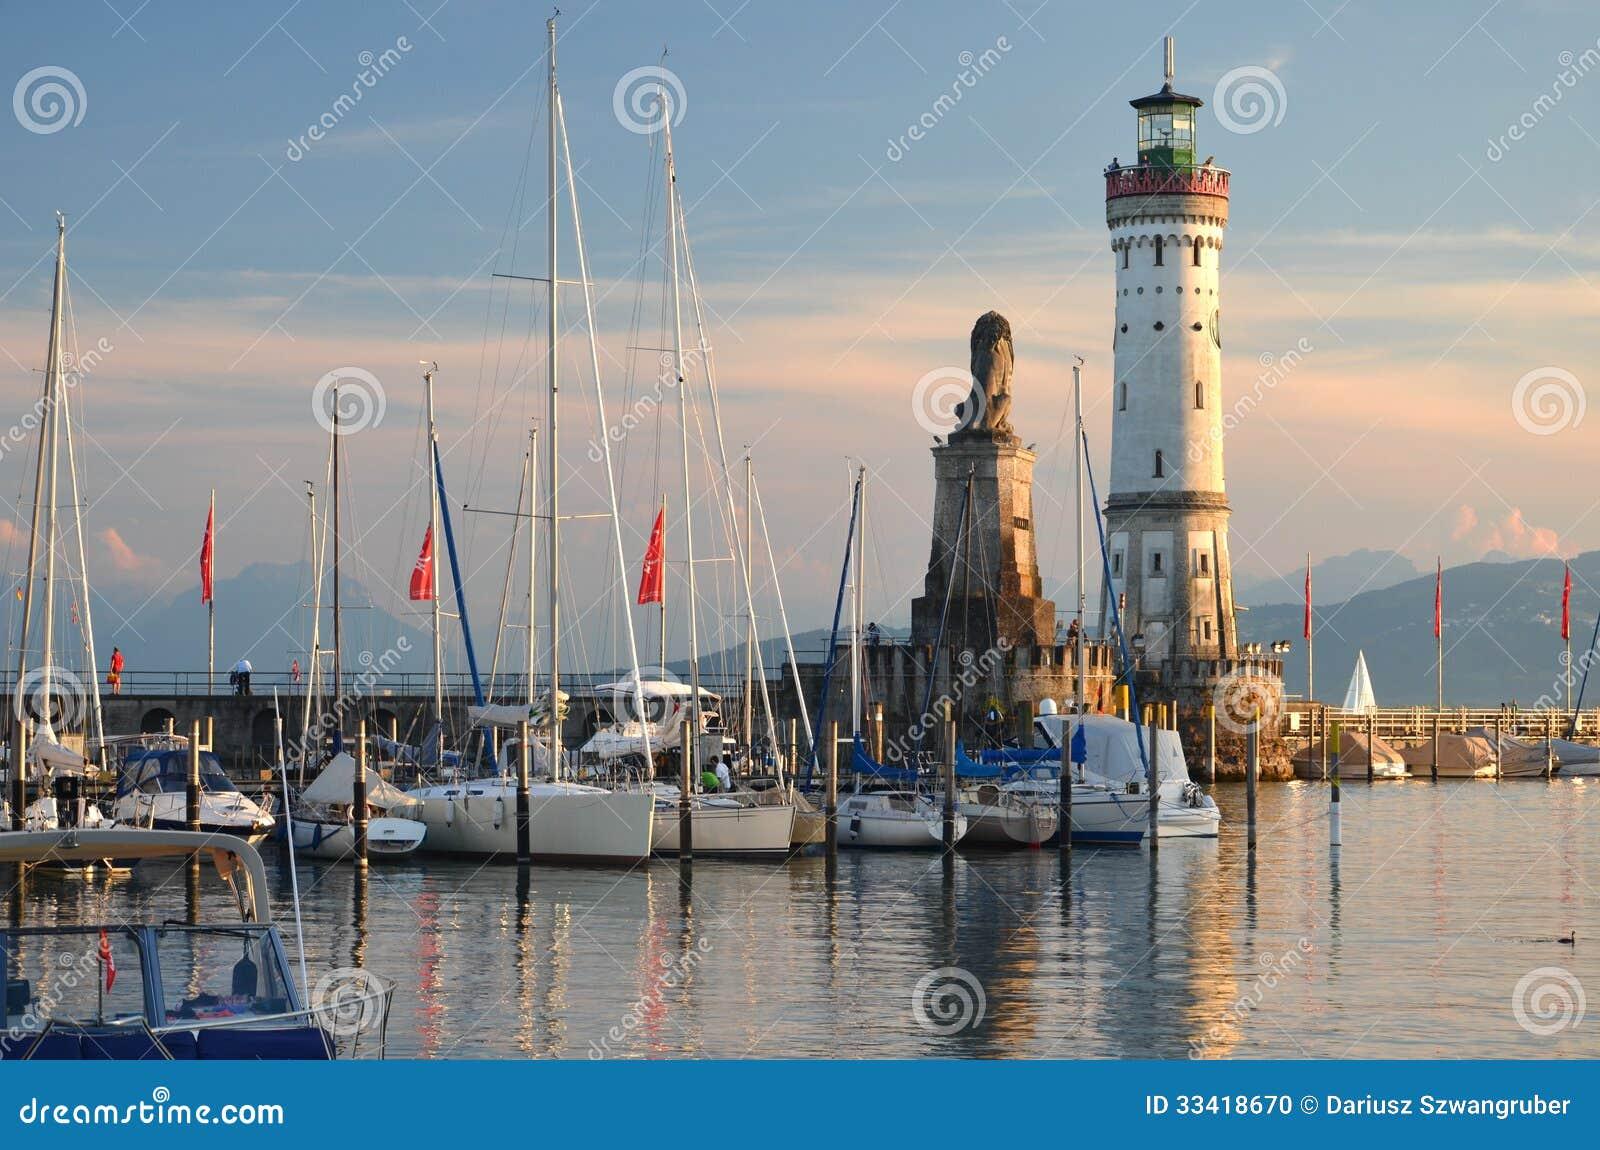 Schilderachtige mening over de ingang van de haven in lindau eiland op meer bodensee duitsland - Centrale eiland prijzen ...